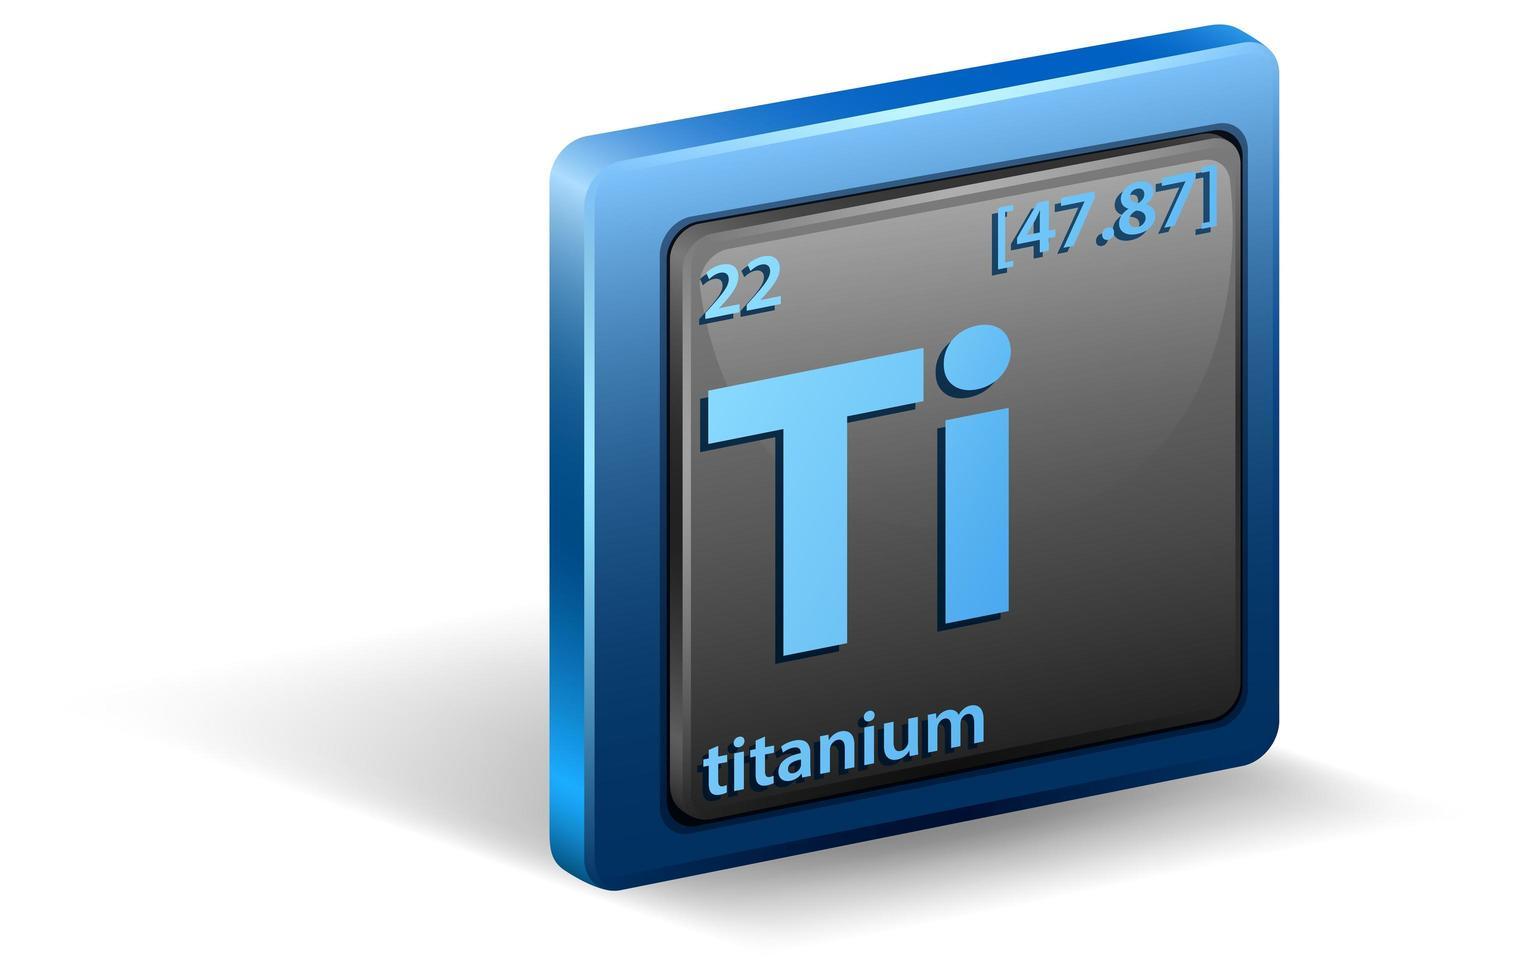 elemento químico de titânio. símbolo químico com número atômico e massa atômica. vetor